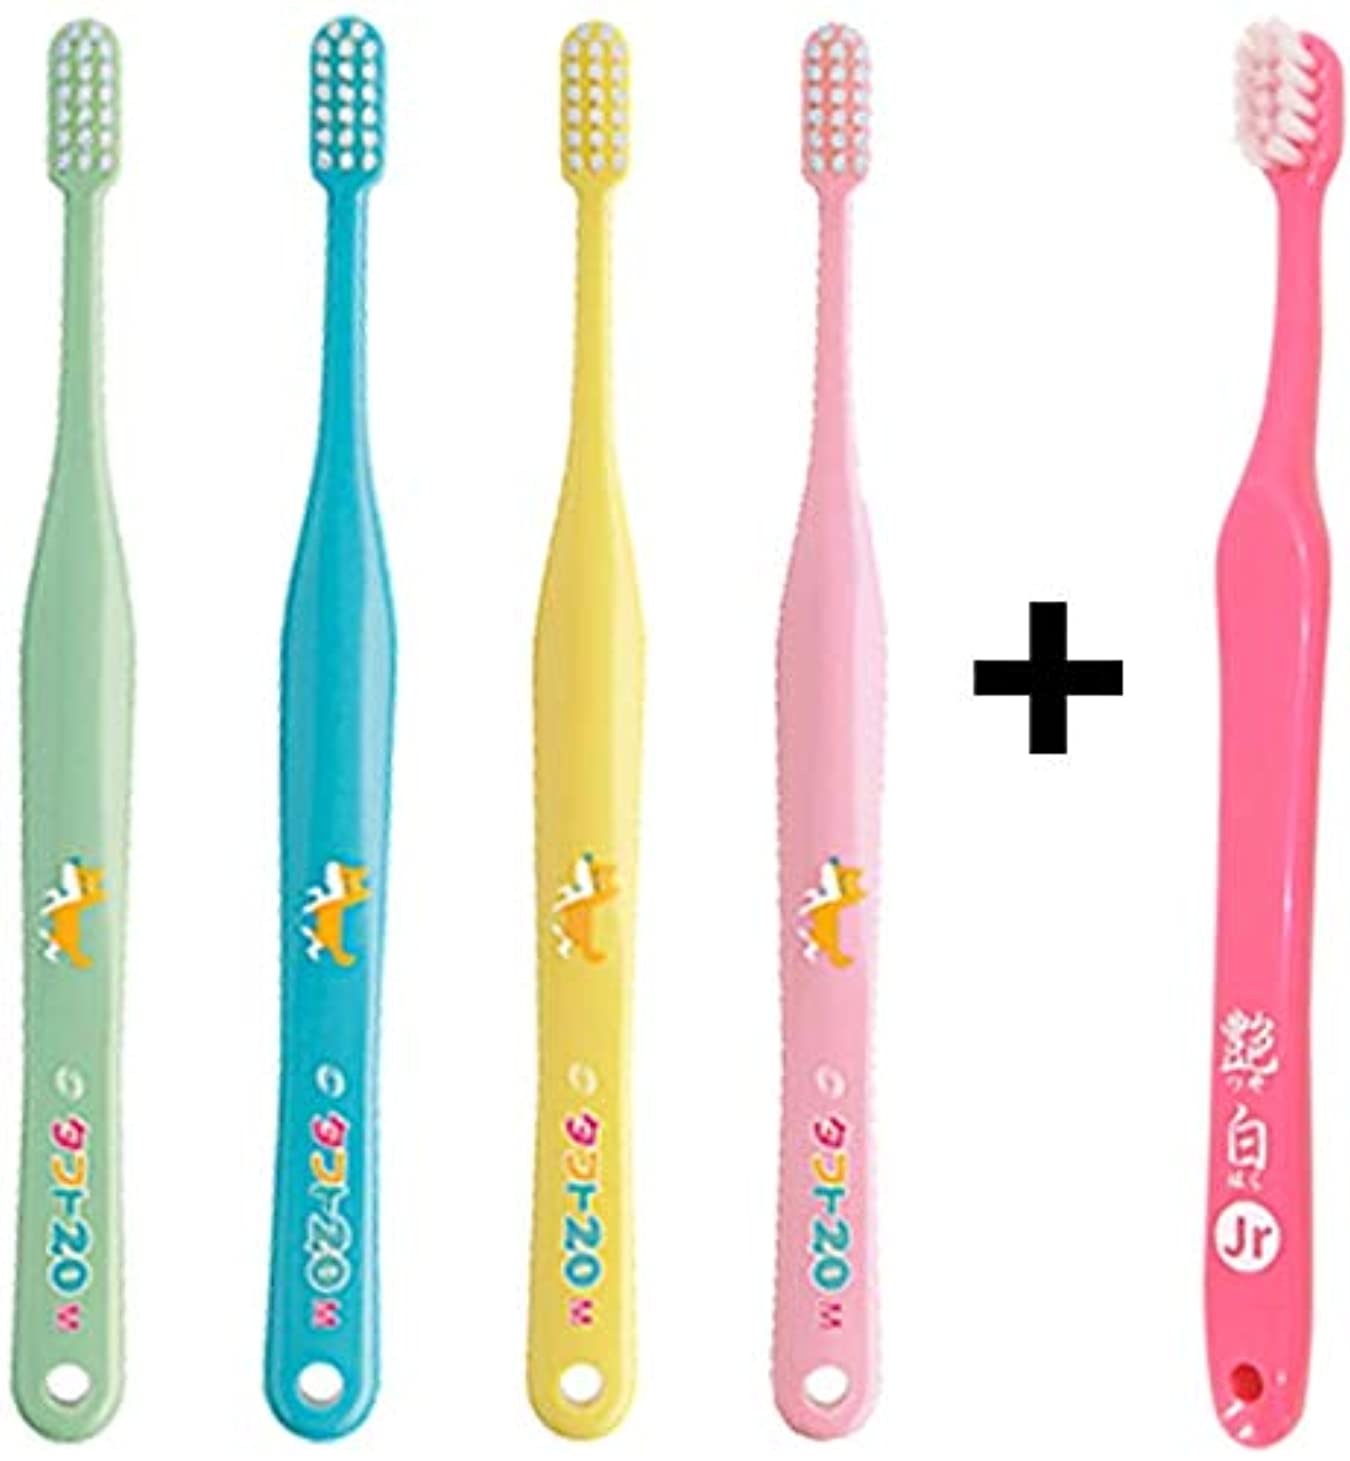 スパイラルレンド羽タフト20 M(ふつう) こども 歯ブラシ×10本 + 艶白(つやはく) Jr ジュニア ハブラシ×1本 MS(やややわらかめ) 日本製 歯科専売品